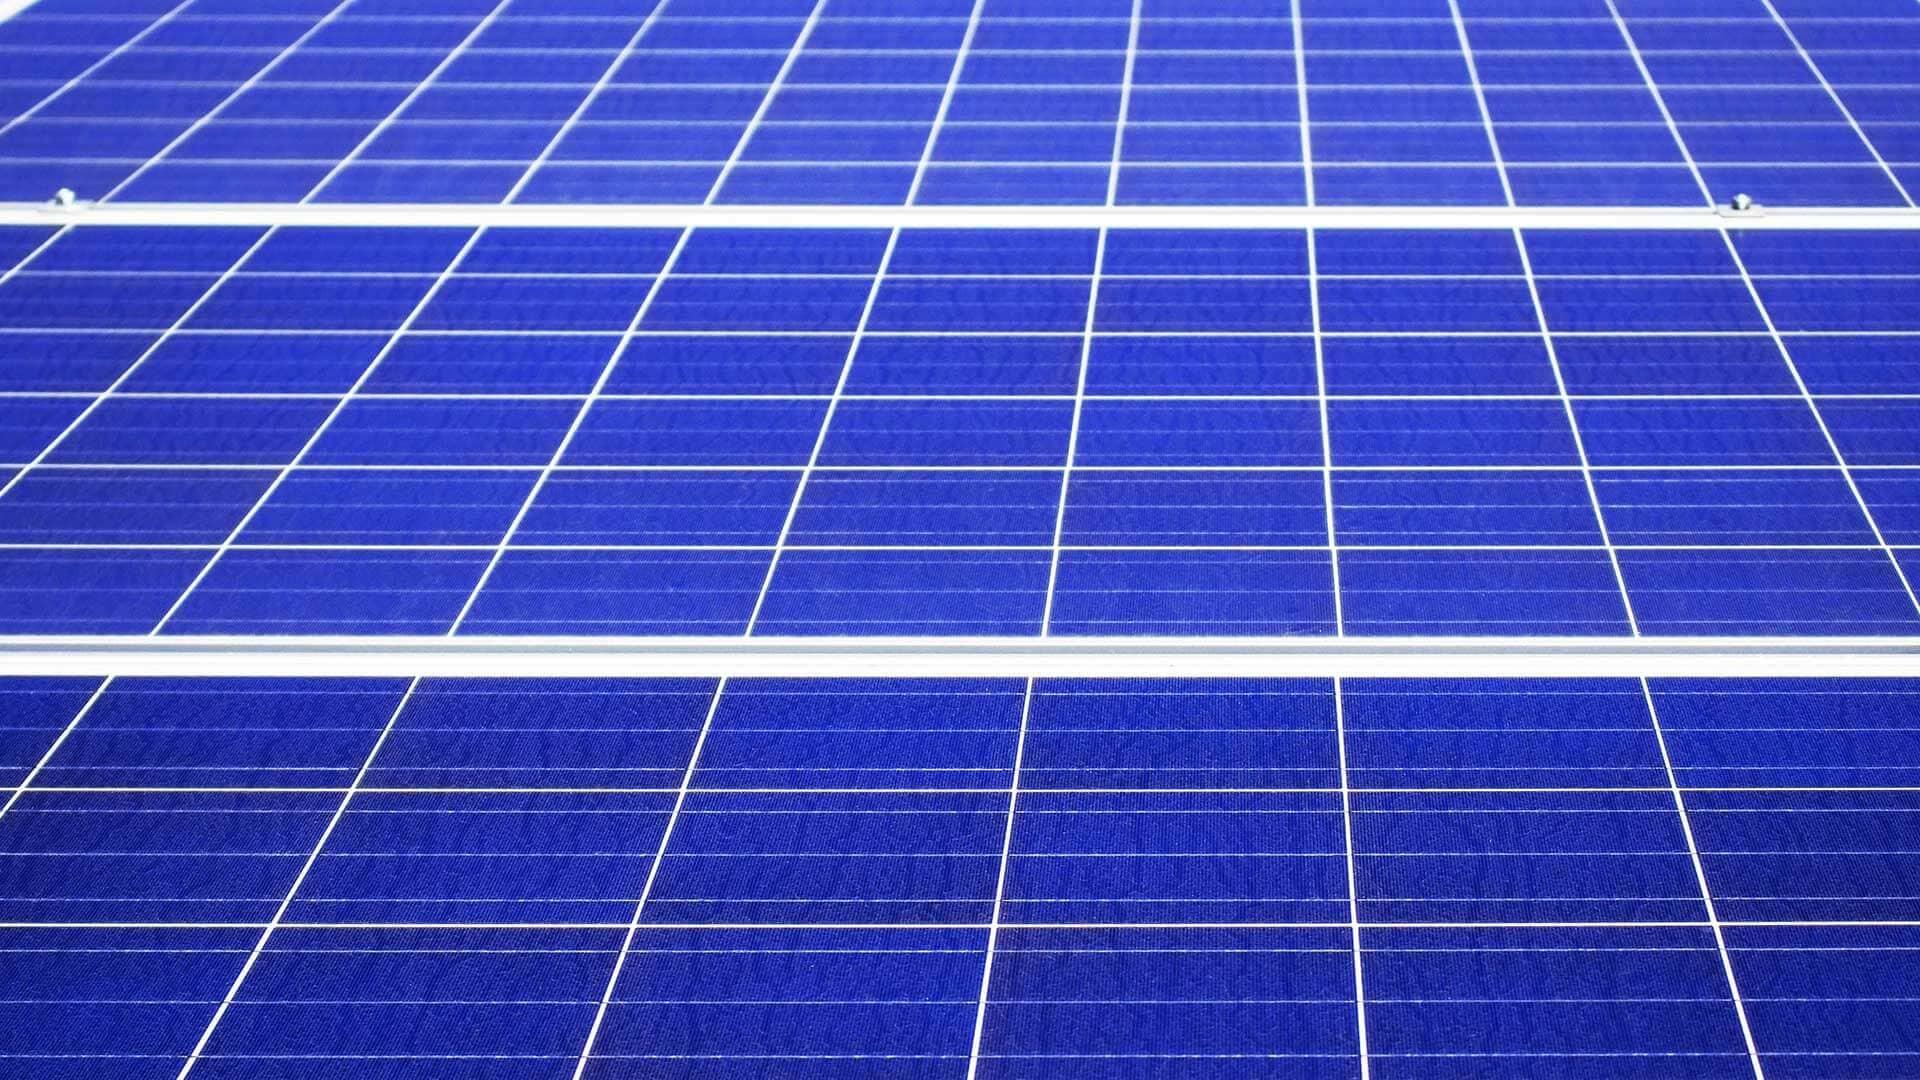 Cellule Photovoltaïque En Silicium Amorphe concernant panneaux photovoltaiques | imeon energy